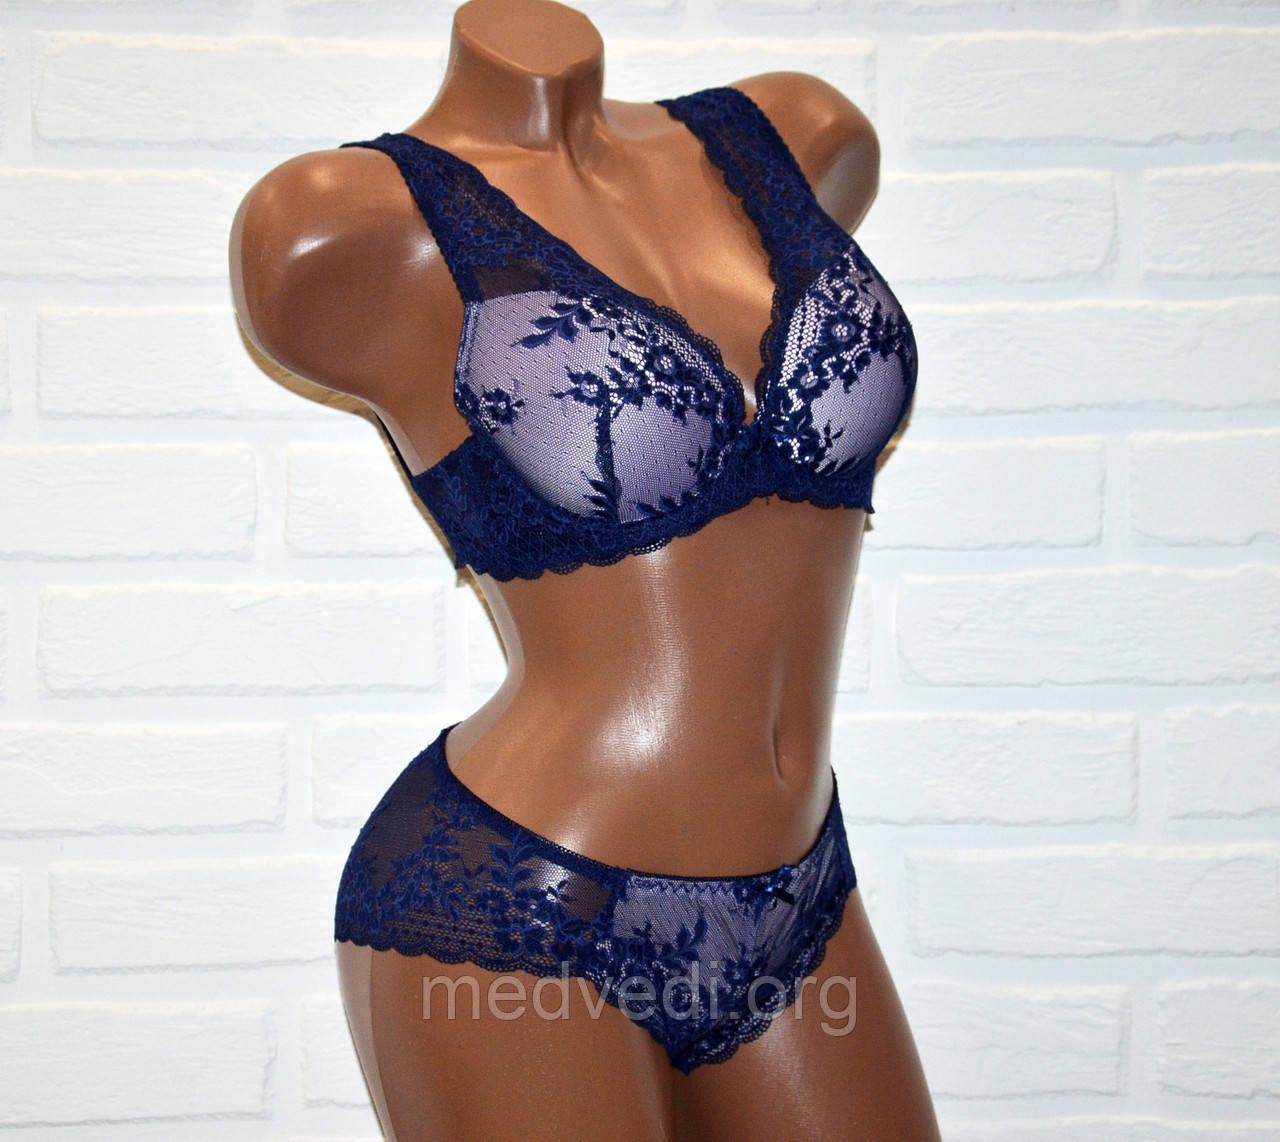 Кружевной комплект нижнего женского белья, синего цвета, бюстик 85C + трусы слипы размер XL